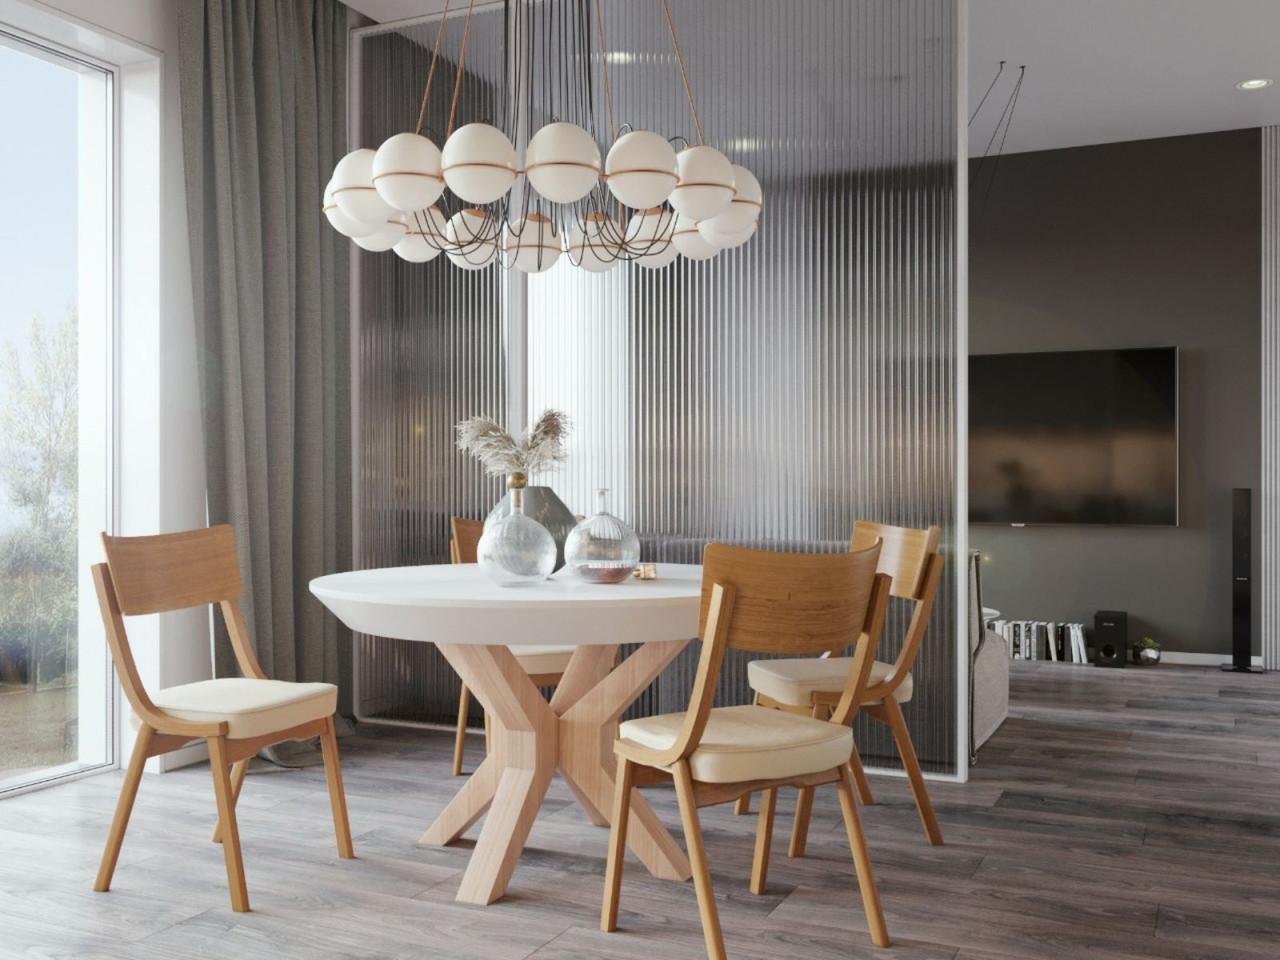 Обеденный комплект: стол Нова Бетон и стулья Диран Pavlyk™